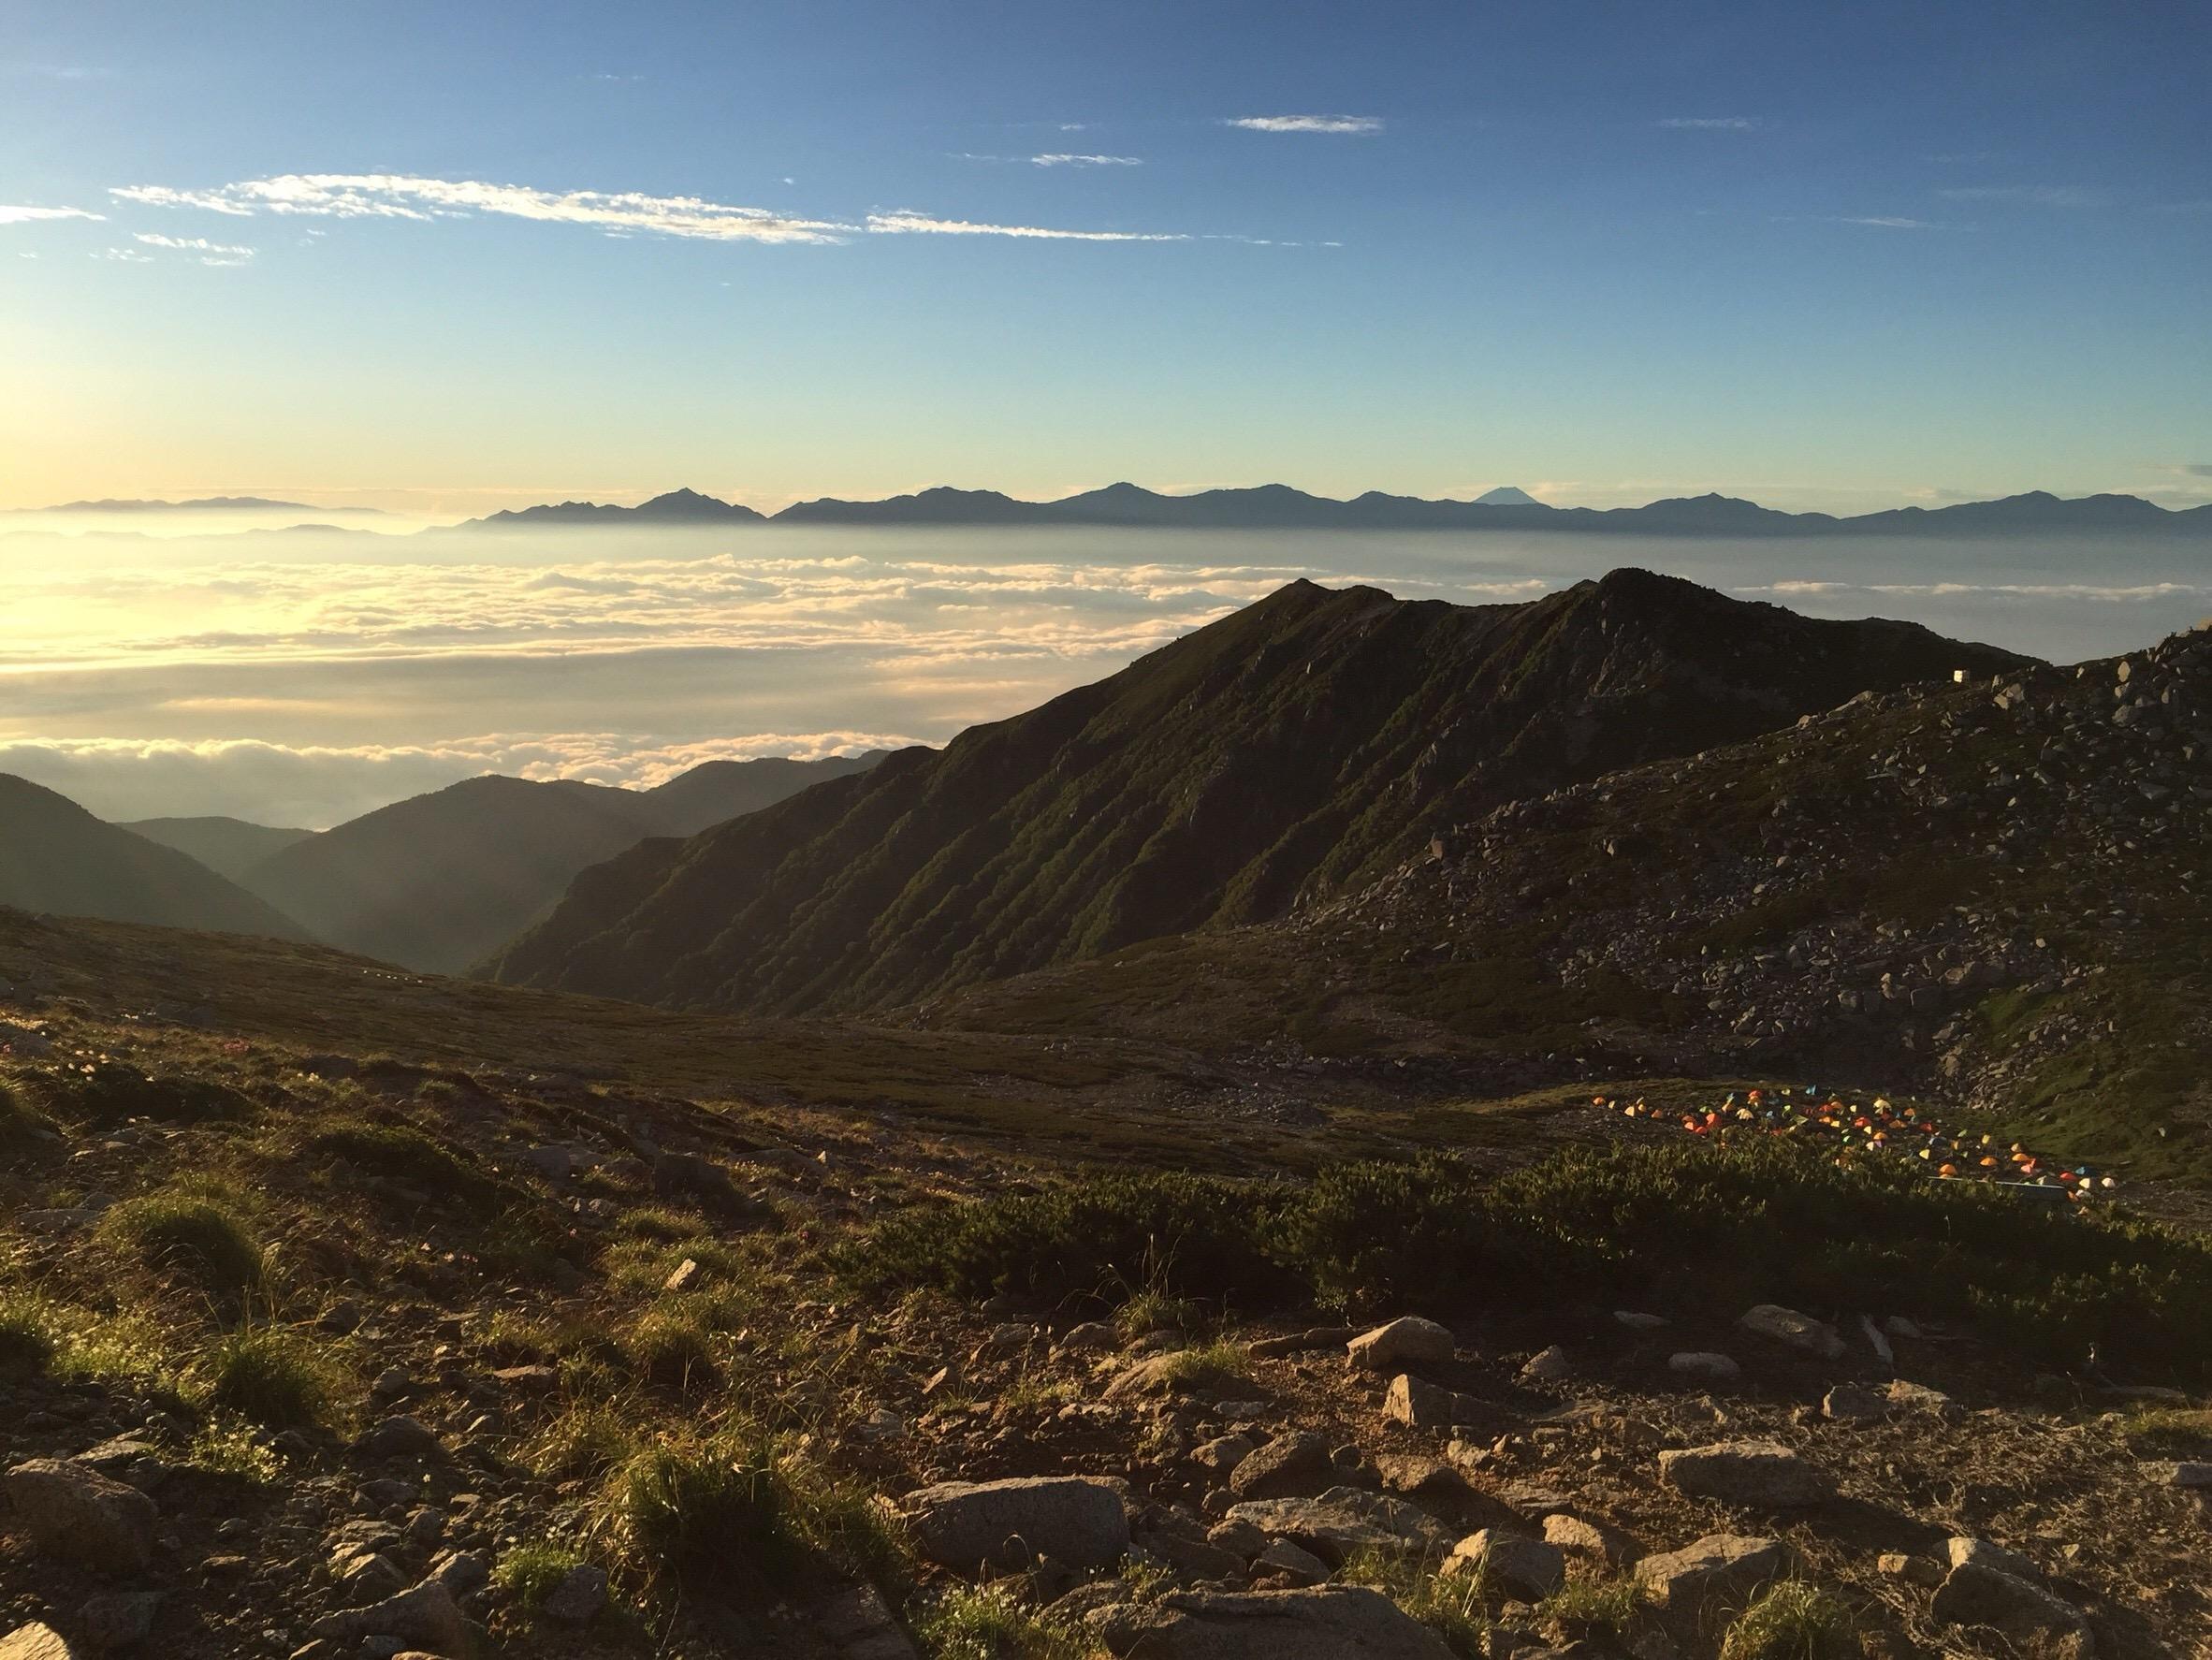 駒ヶ岳頂上山荘から見える朝日その2